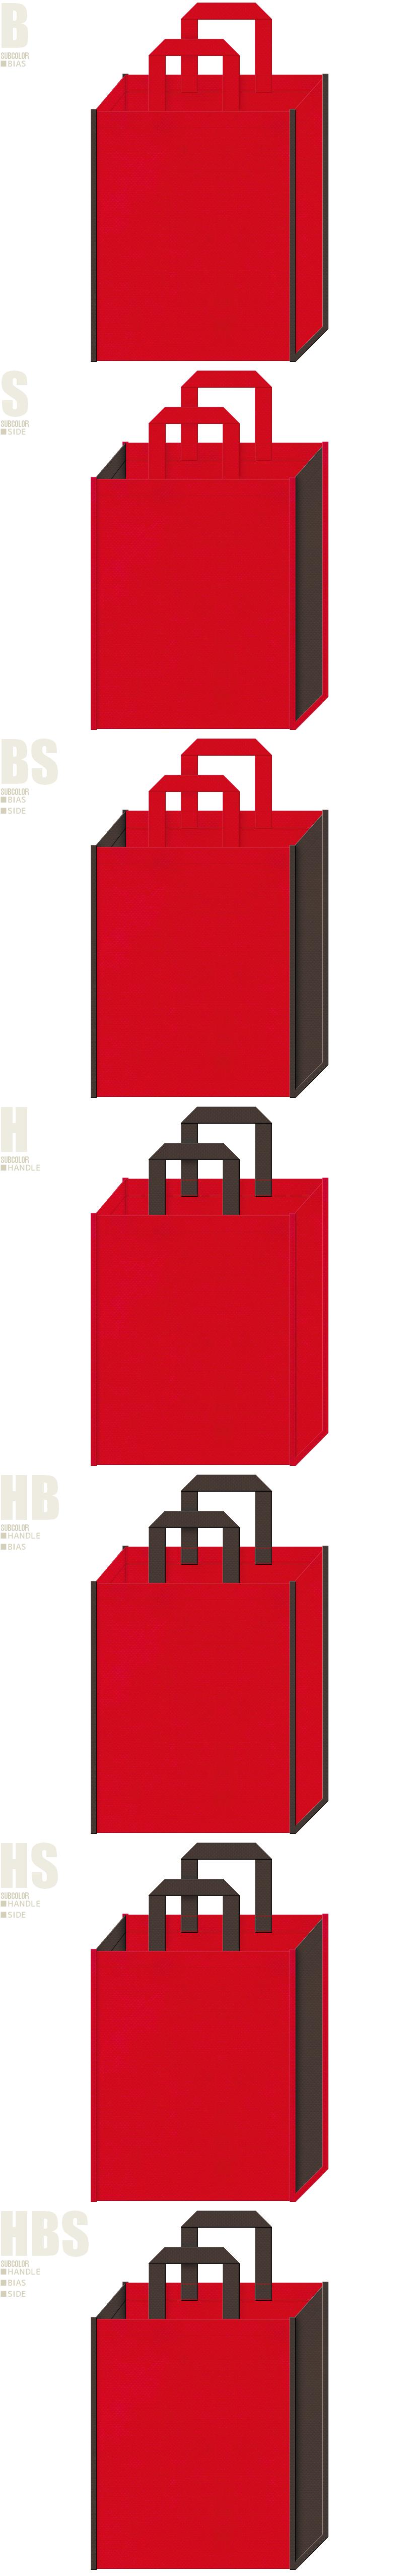 暖炉・ストーブ・クリスマスのイベントにお奨めの不織布バッグデザイン:紅色とこげ茶色の配色7パターン